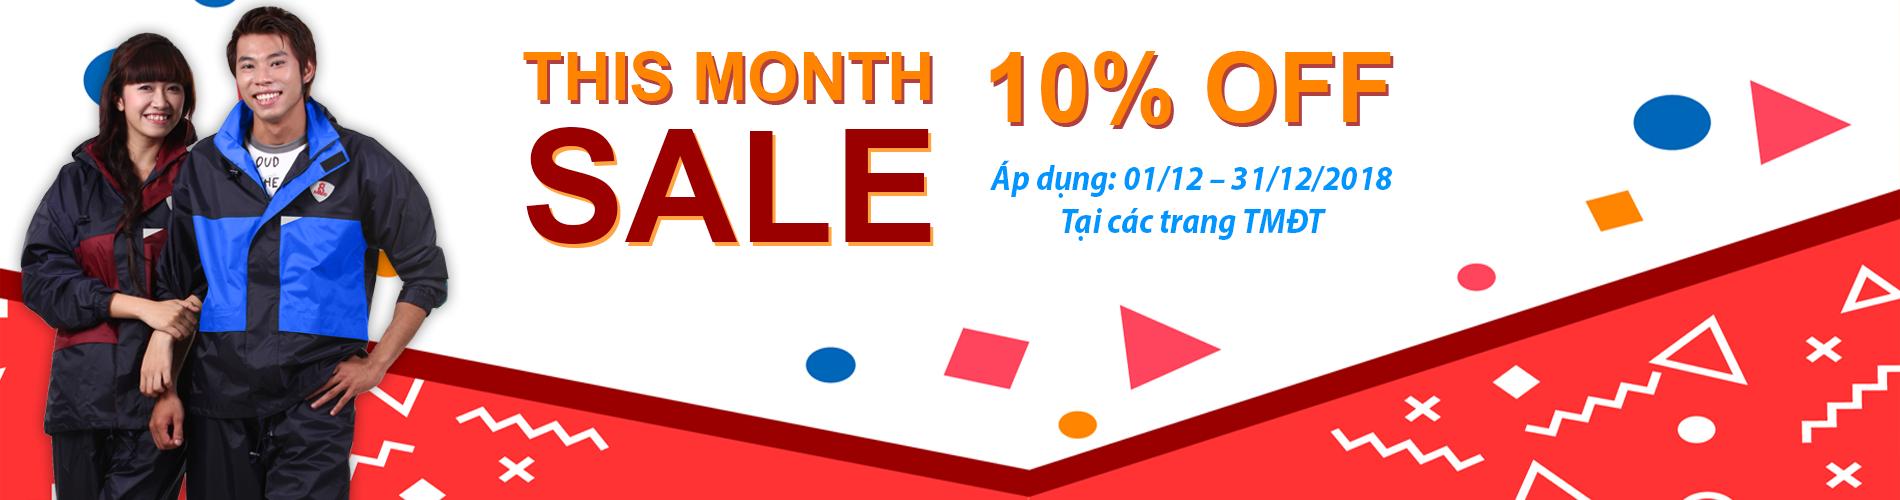 Tháng 12 – Khuyến mãi mua hàng online giảm giá 10%